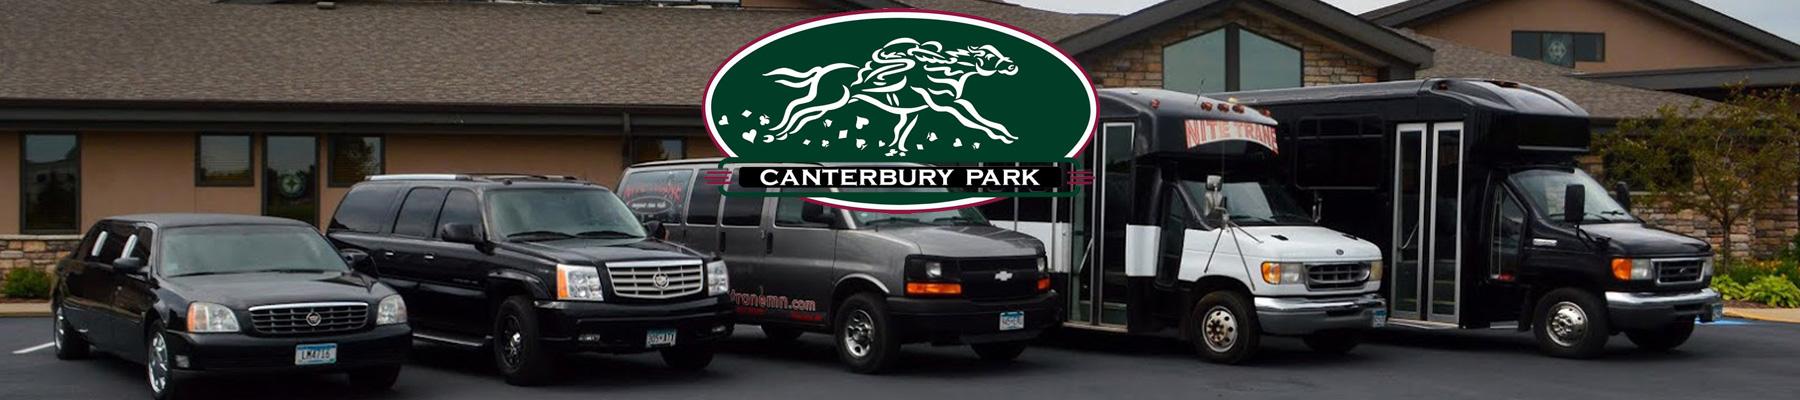 NiteTrane Official Transportation of Canterbury Park